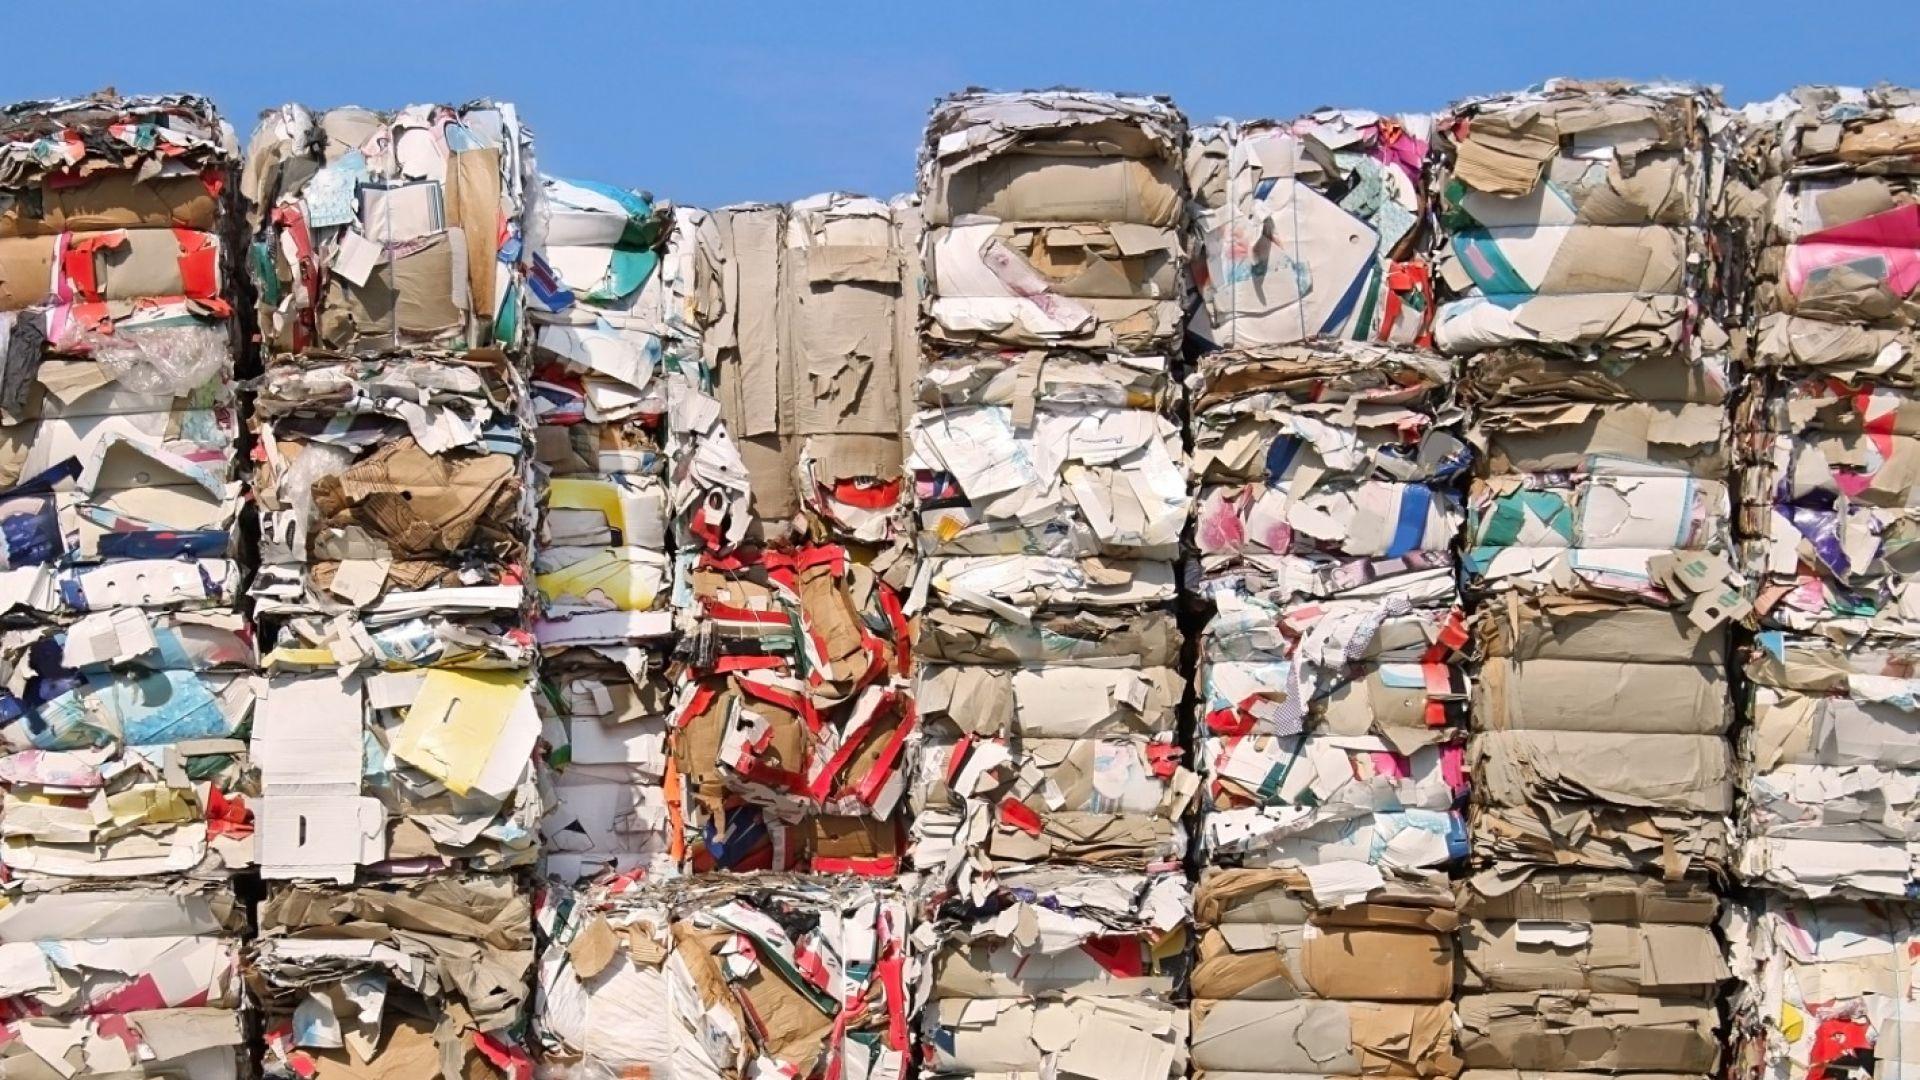 Къде да вложим отпадъците: Текстилът - в мебели и в гипсокартон, стъклото - в тротоар